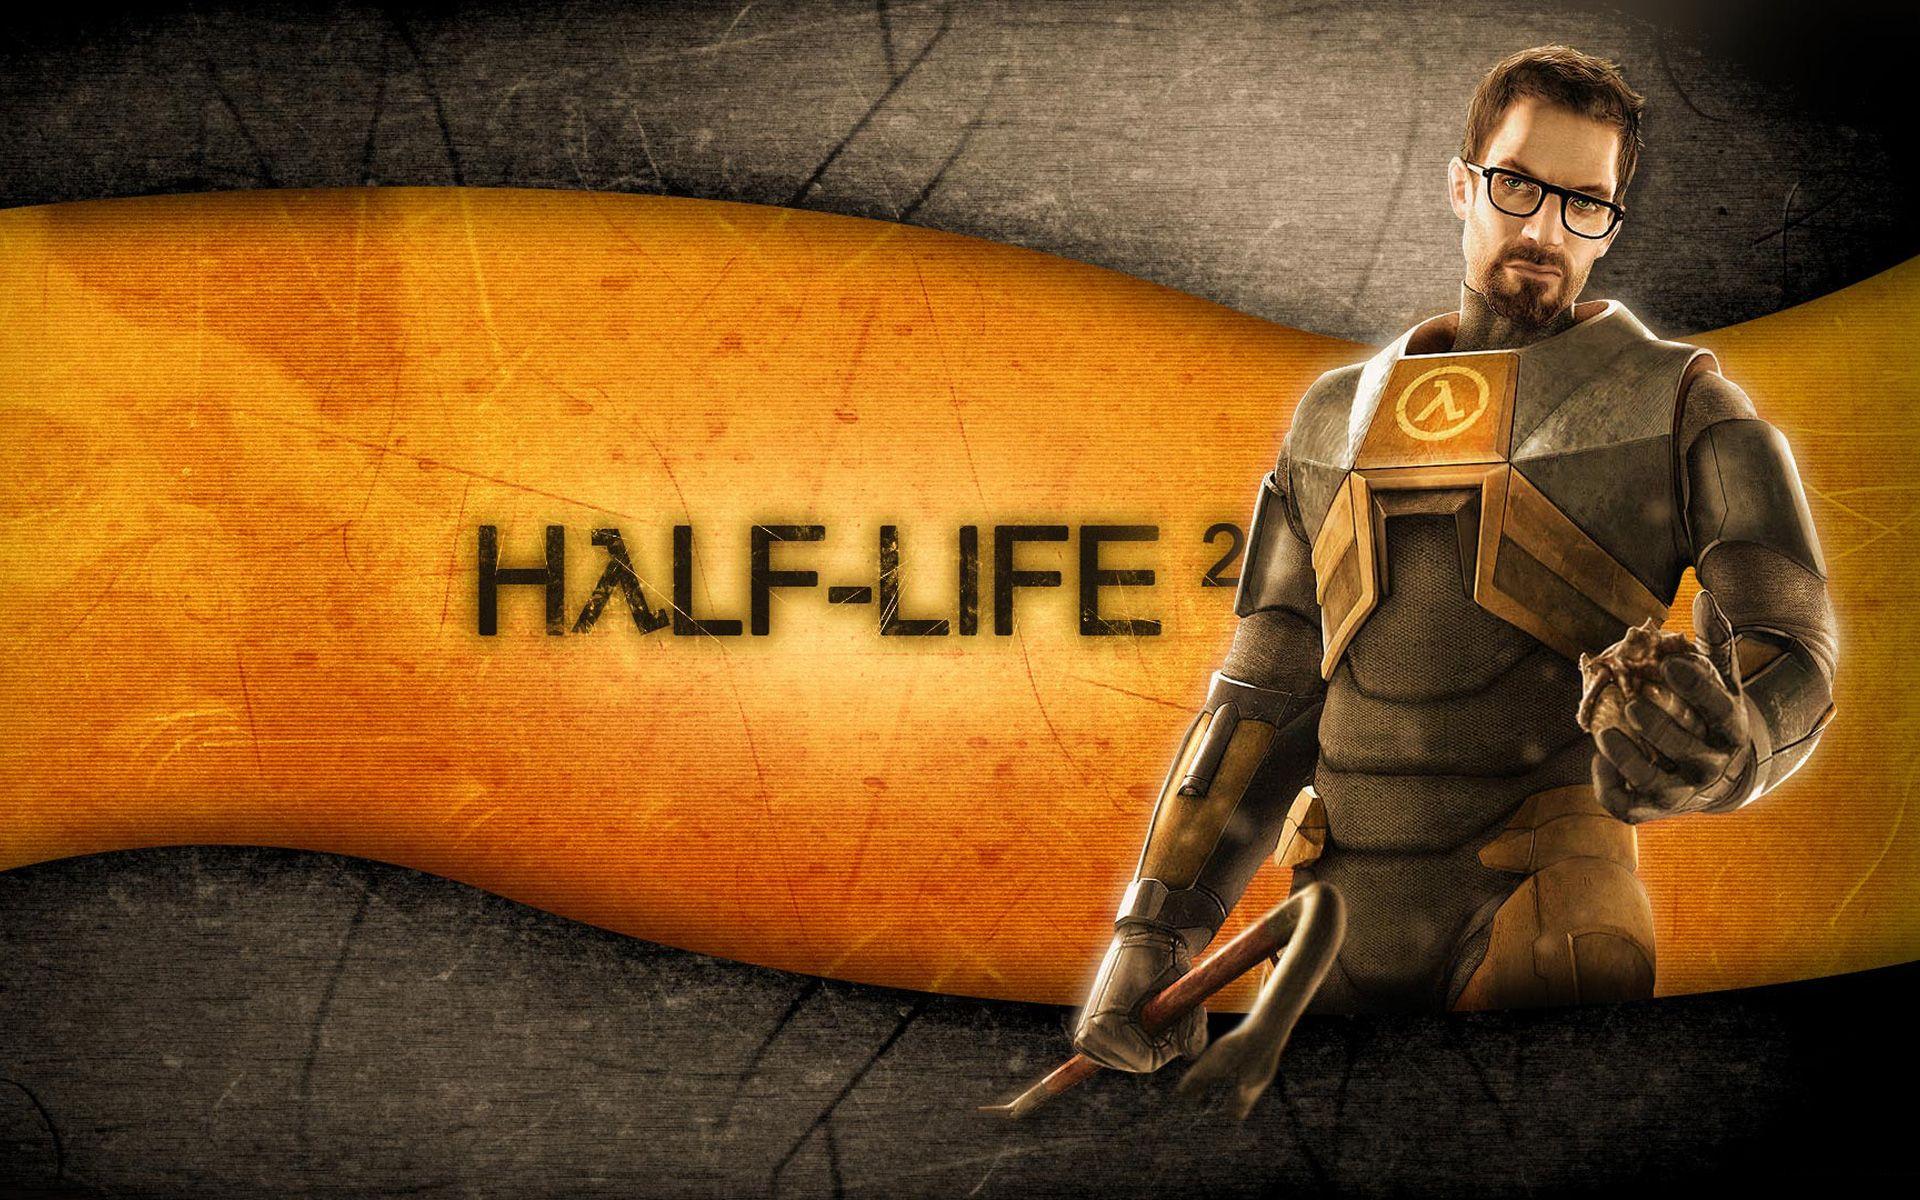 Half-life 2 the orange box торрент скачать